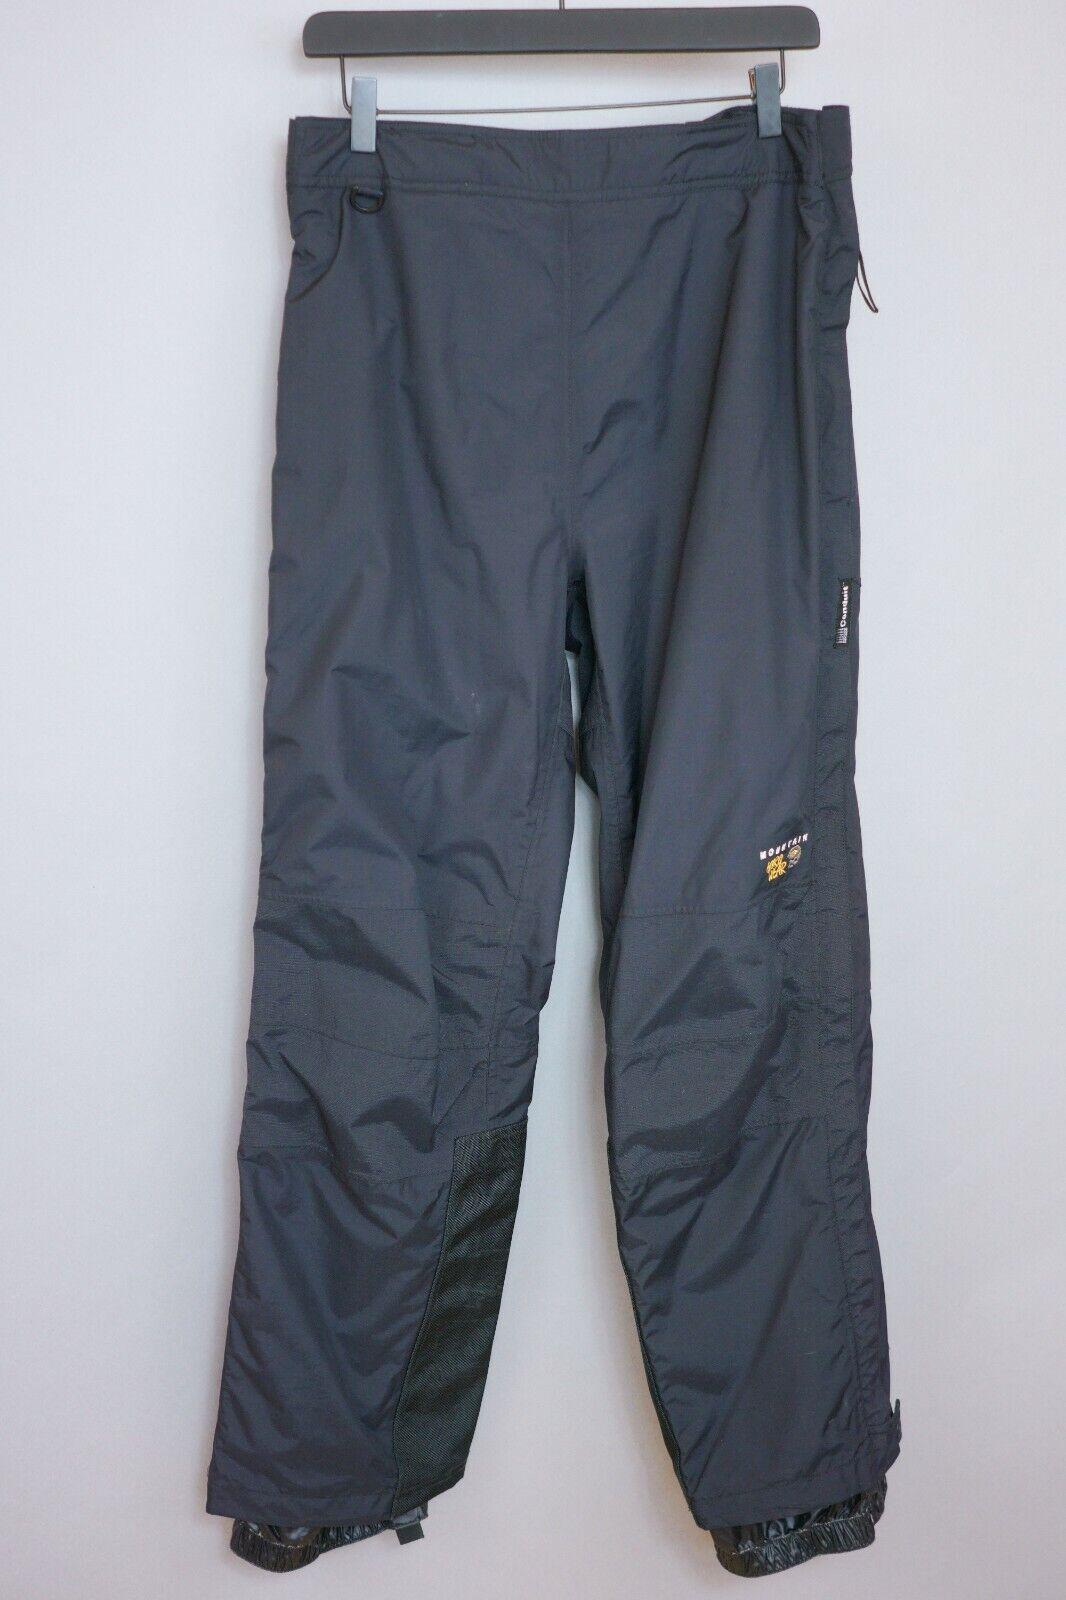 DaSie Mountain Hardwear Hose Conduit Snowboard Skifahren 12 W30 L30 XIJ606